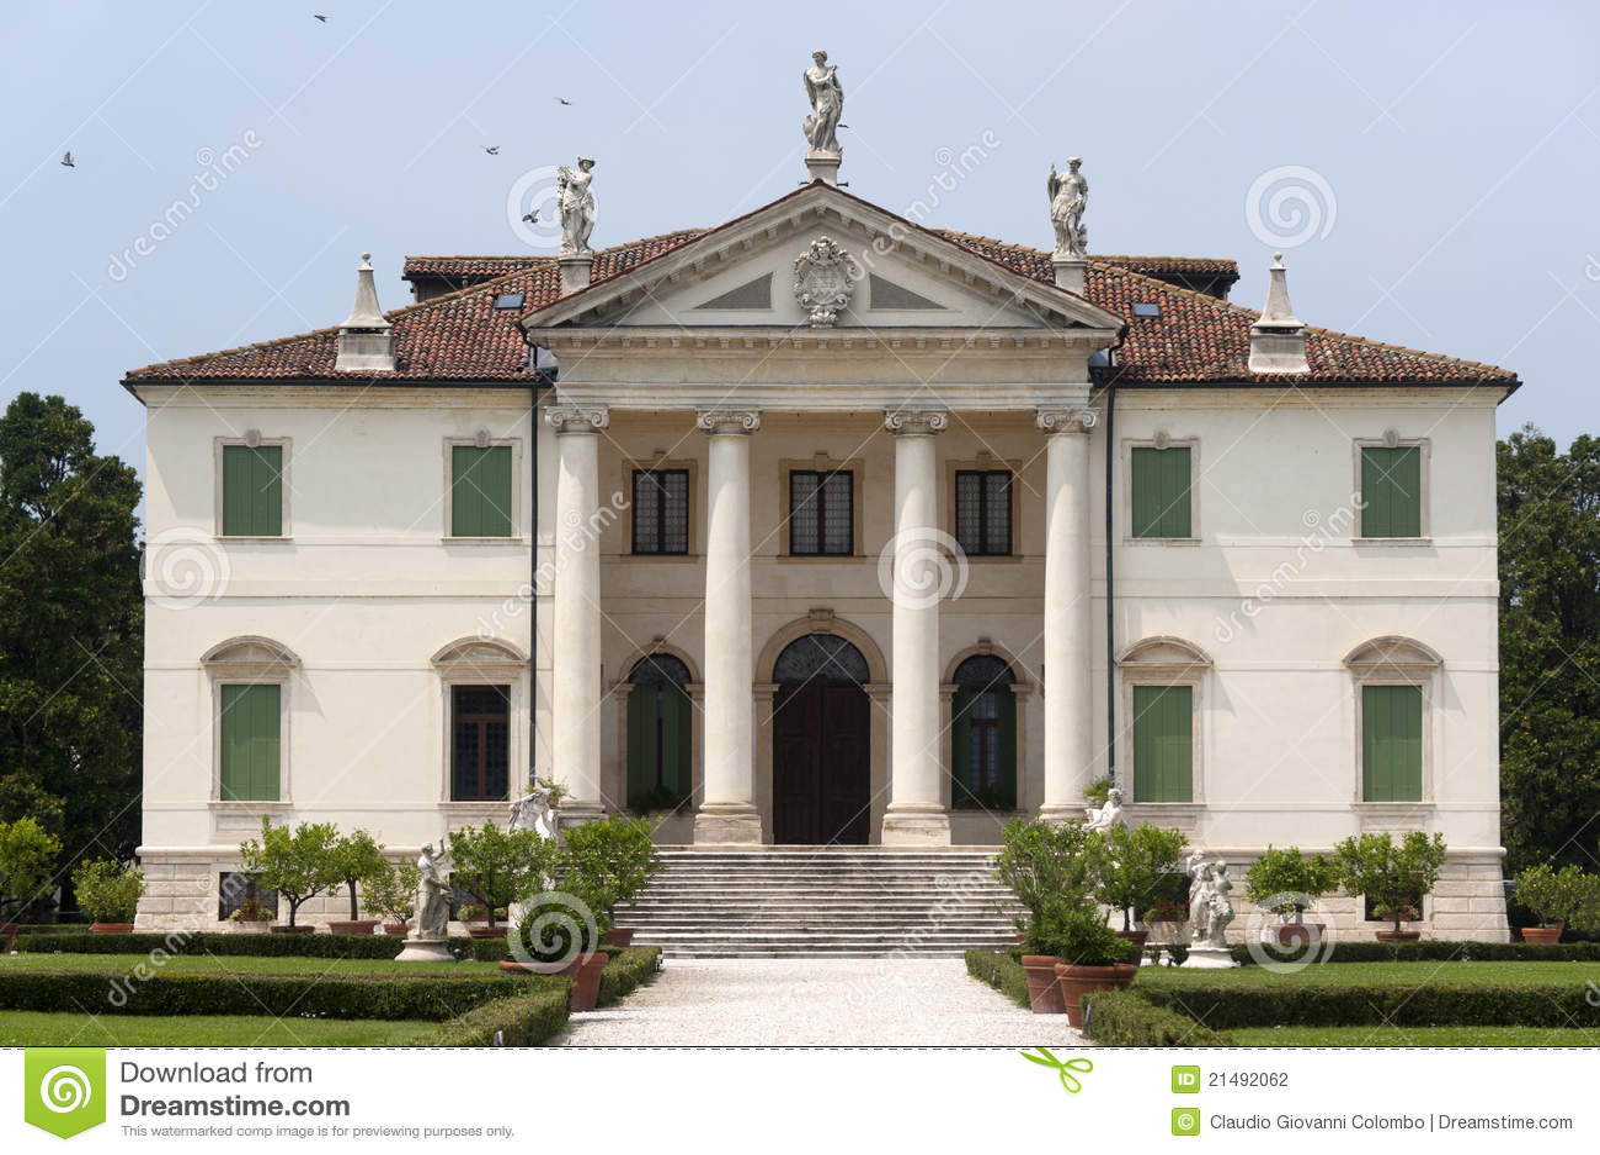 Montecchio Maggiore Italy  City pictures : Montecchio Maggiore Vicenza, Veneto, Italy Villa Cordellina ...